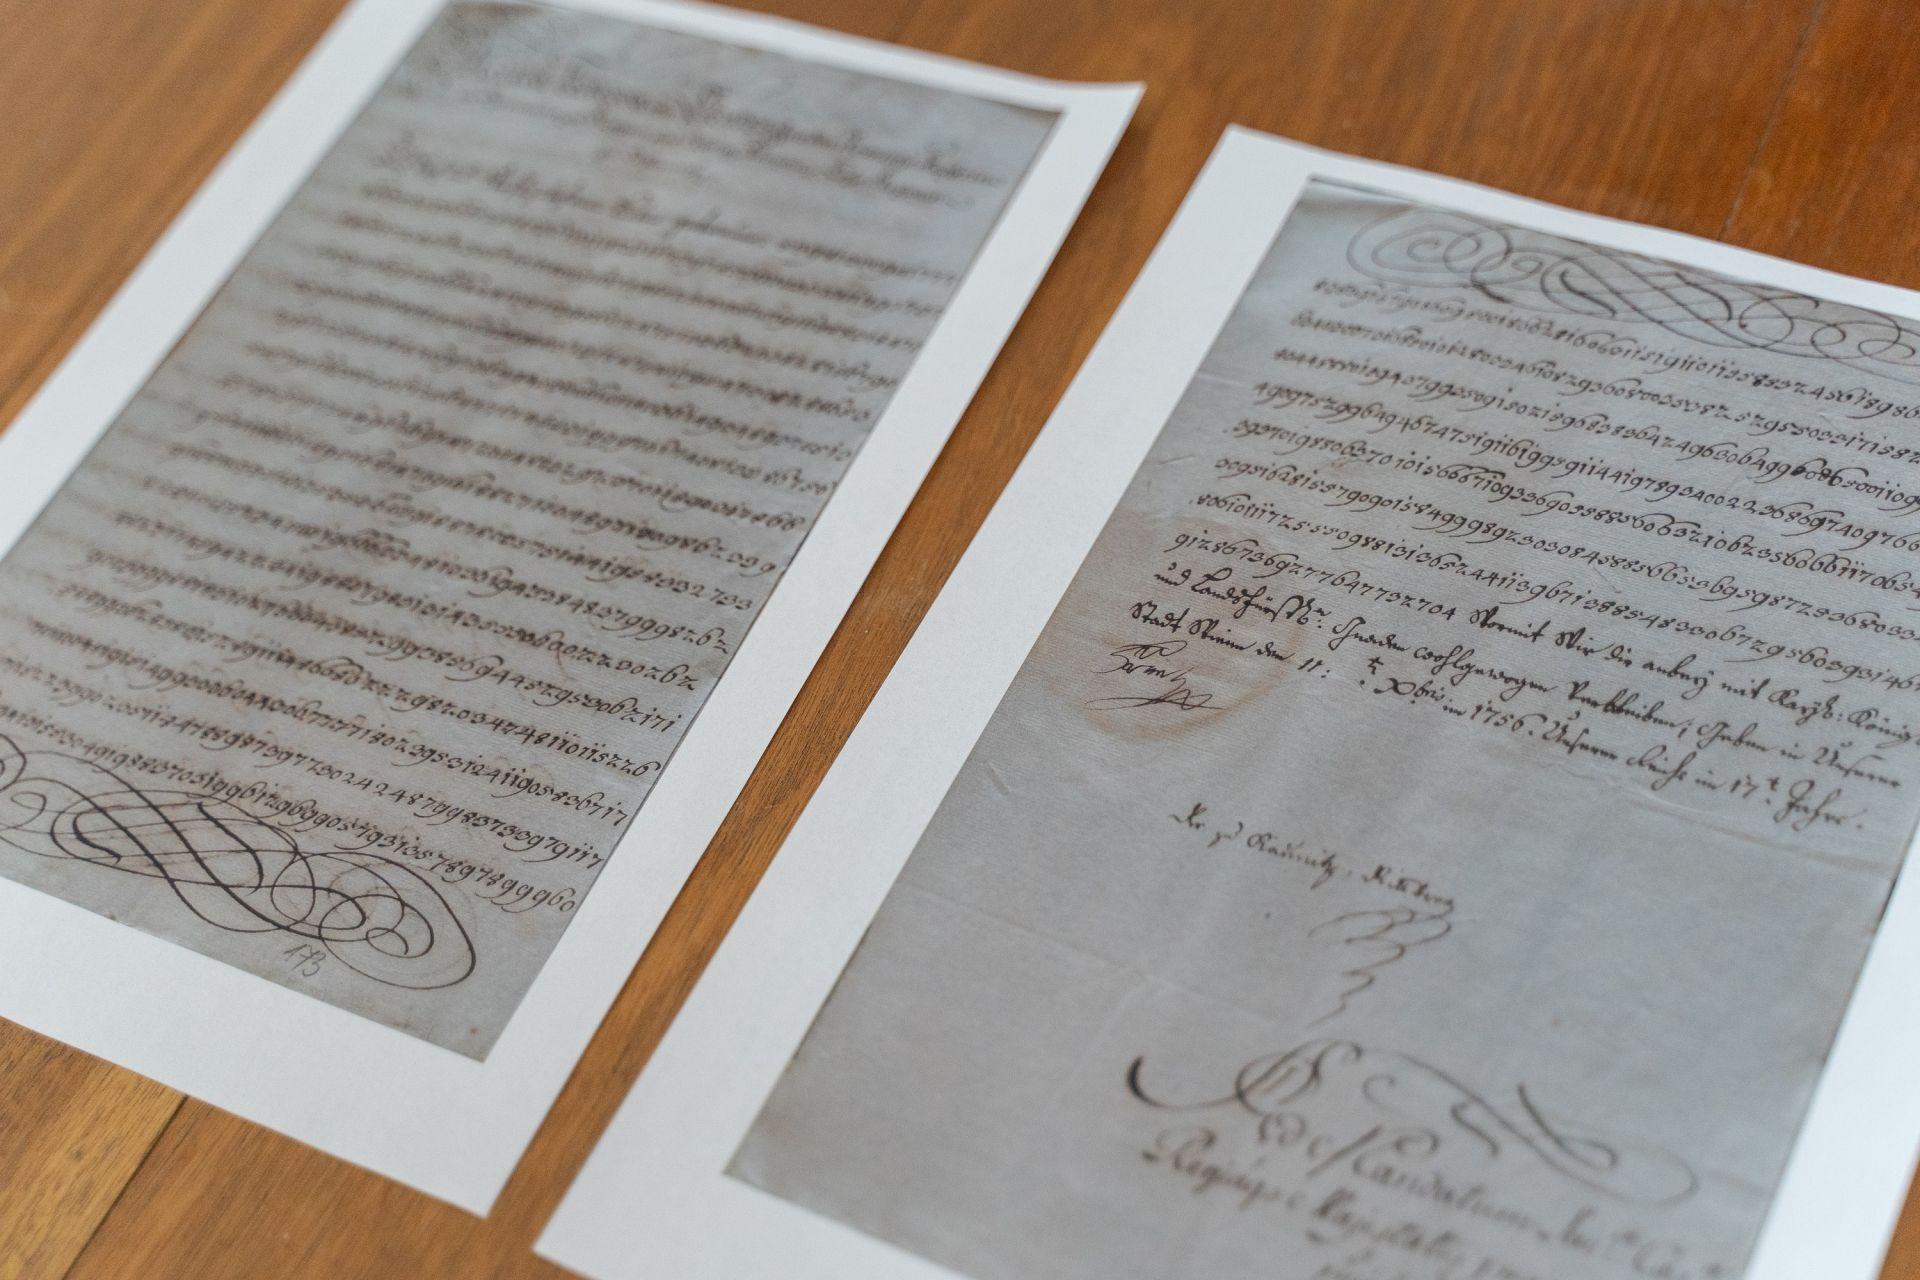 So súhlasom Ministerstva vnútra SR, Slovenský národný archív, fond Esterházy - čeklíska vetva, krabica 634, inv.c. 1612, str. 173.